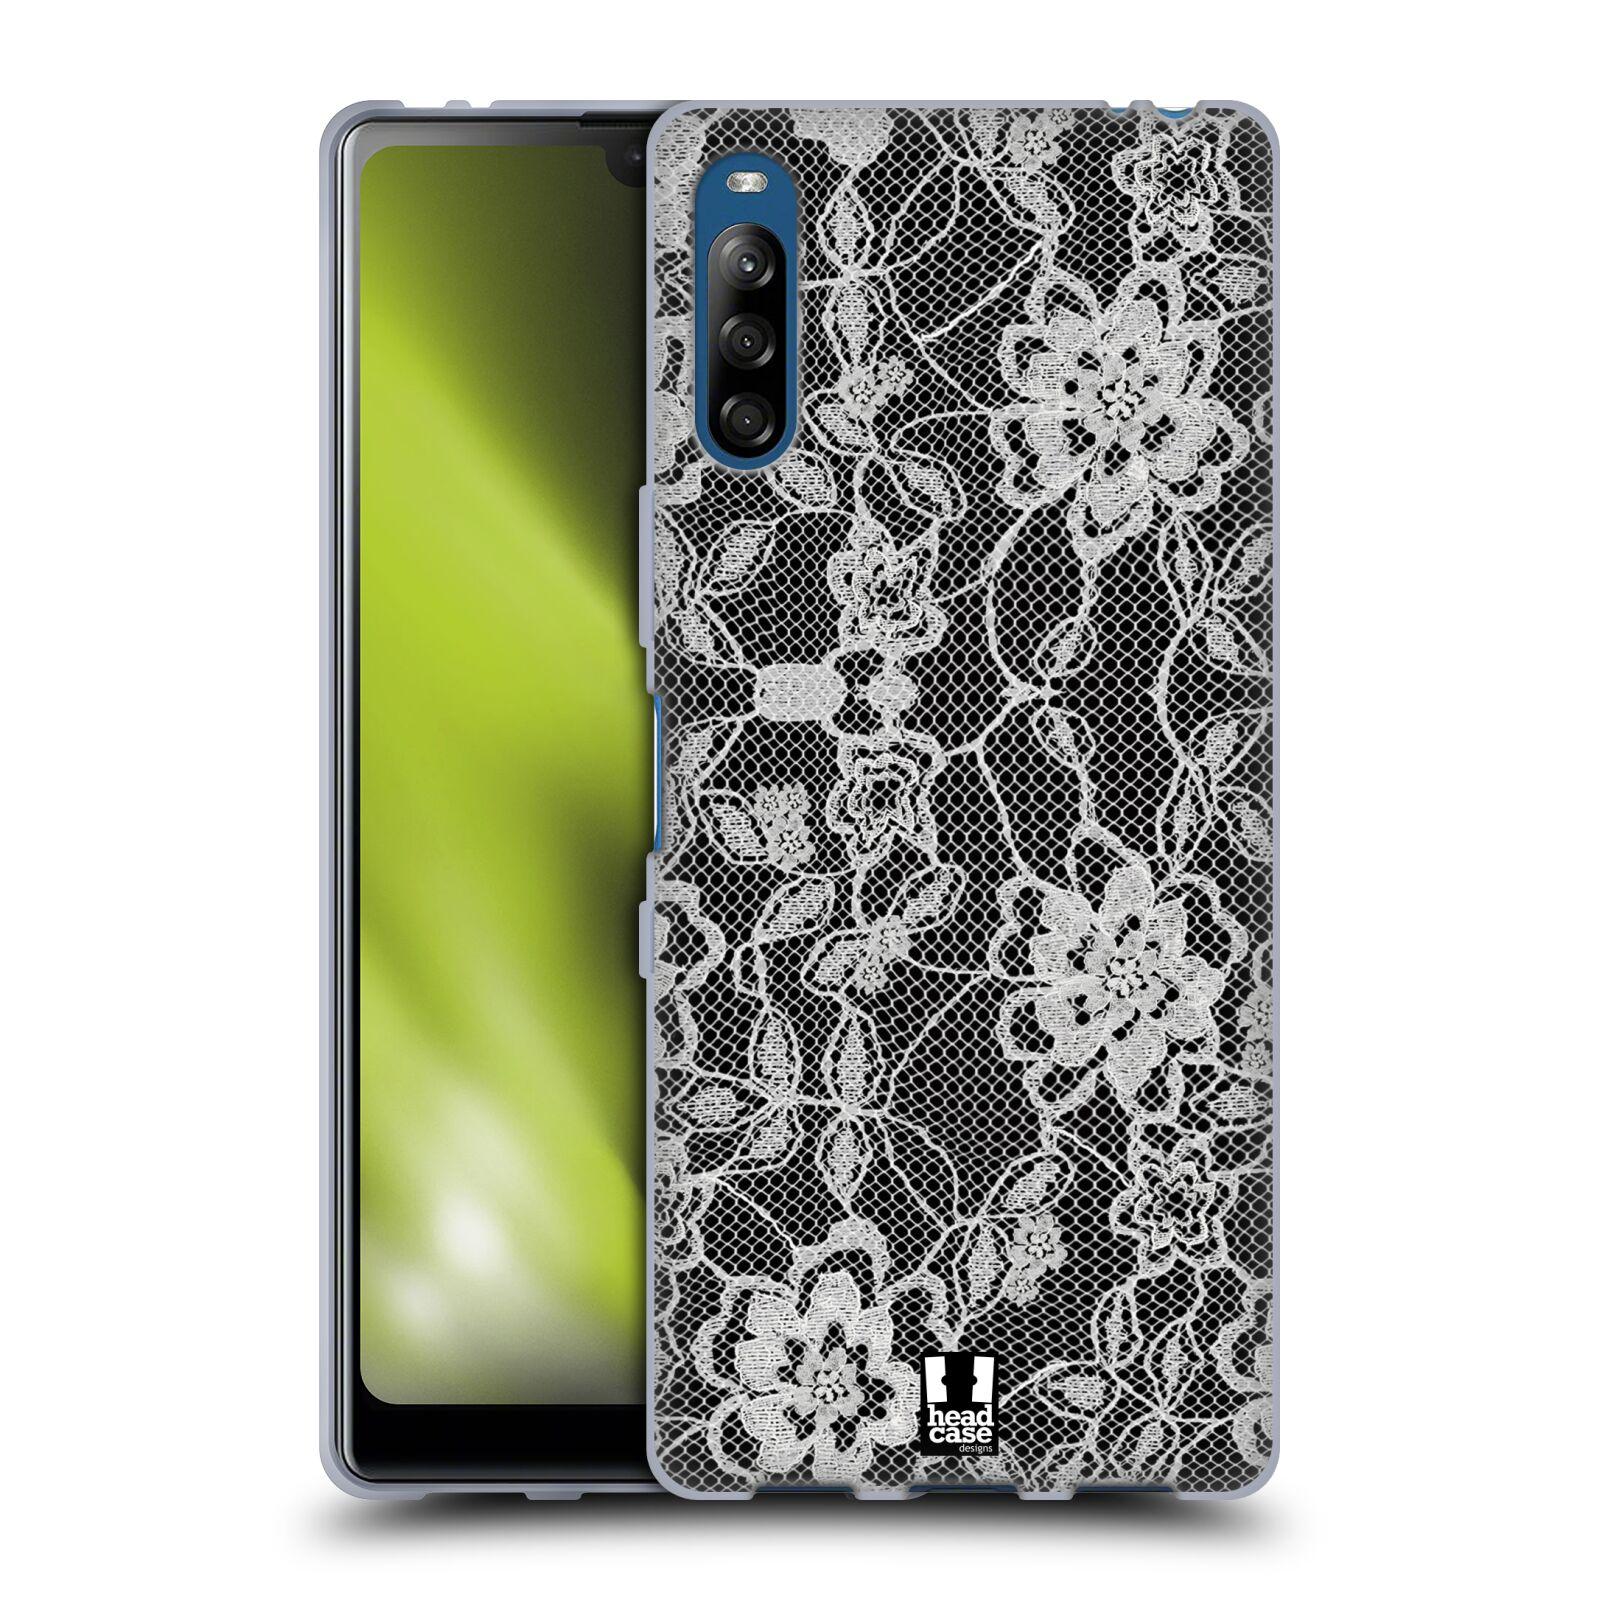 Silikonové pouzdro na mobil Sony Xperia L4 - Head Case - FLOWERY KRAJKA